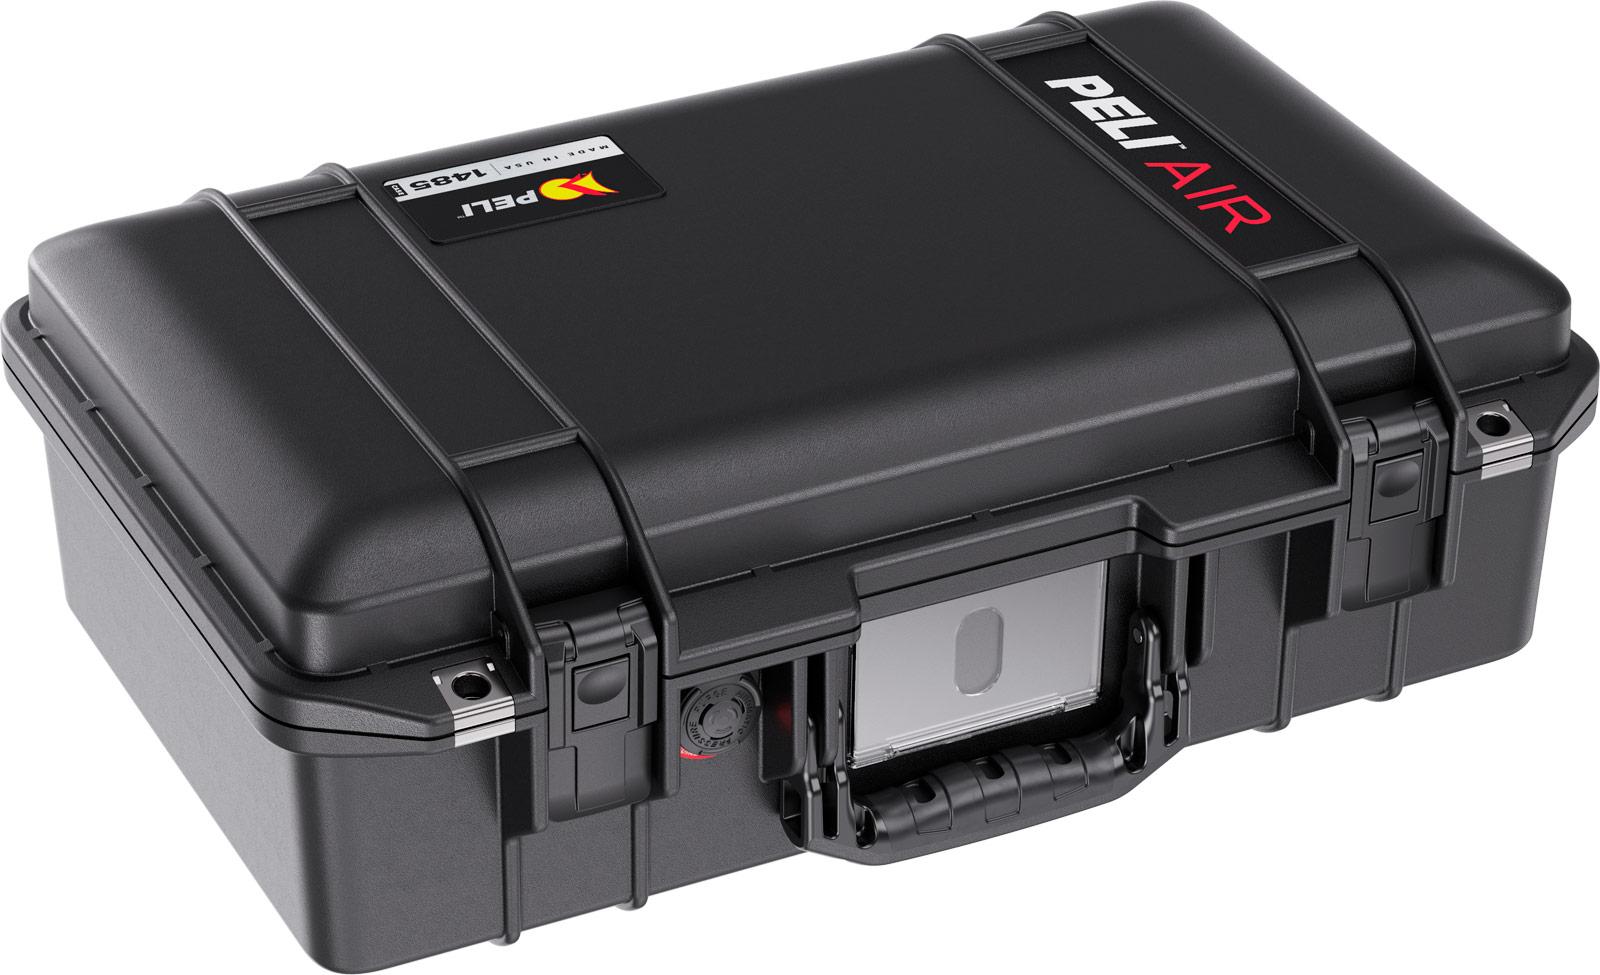 peli products air case 1485 pelicase